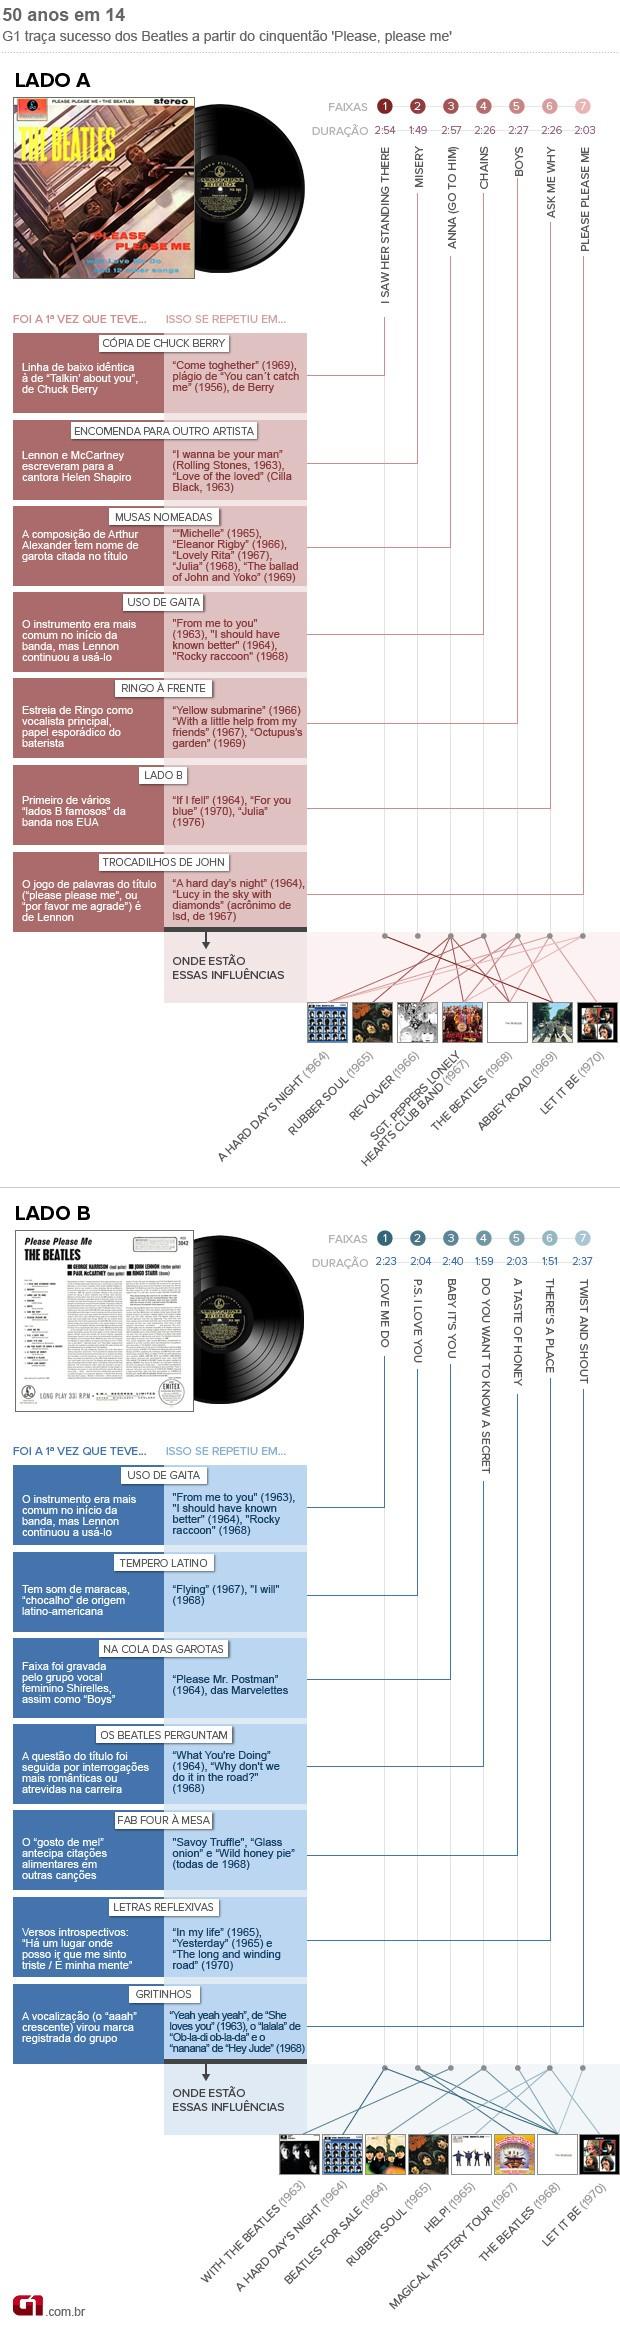 Infográfico traça influência das músicas de 'Please, please me', estreia dos Beatles, no restante da obra do quarteto (Foto: Arte/G1)